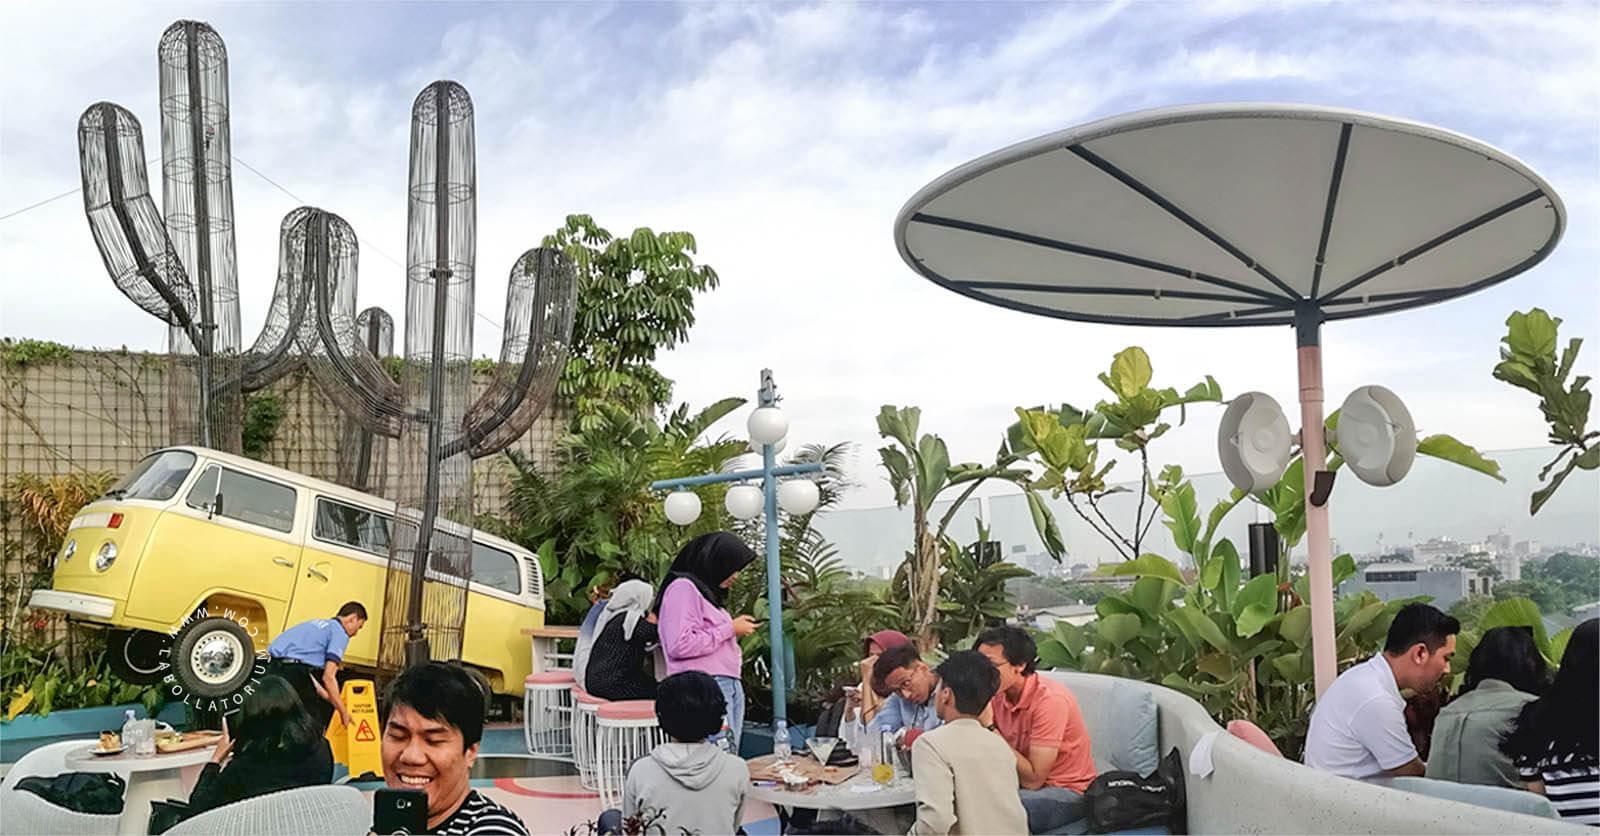 Picknick Kaliki Bandung, Tempat Nongkrong di Rooftop Paling Hits